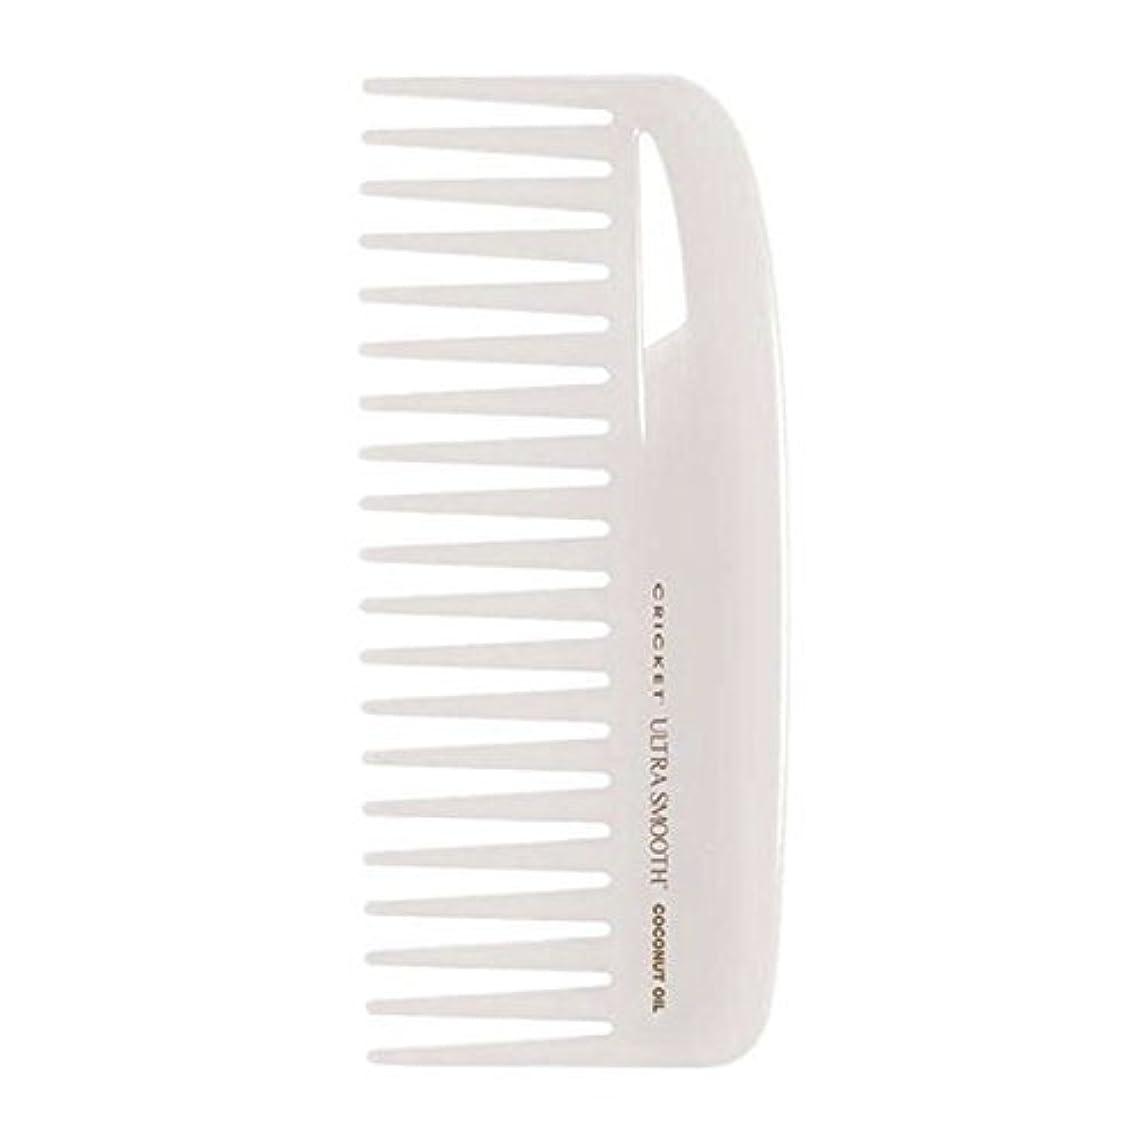 主権者雲ネイティブCricket Ultra Smooth Coconut Conditioning Comb, 1 Count [並行輸入品]